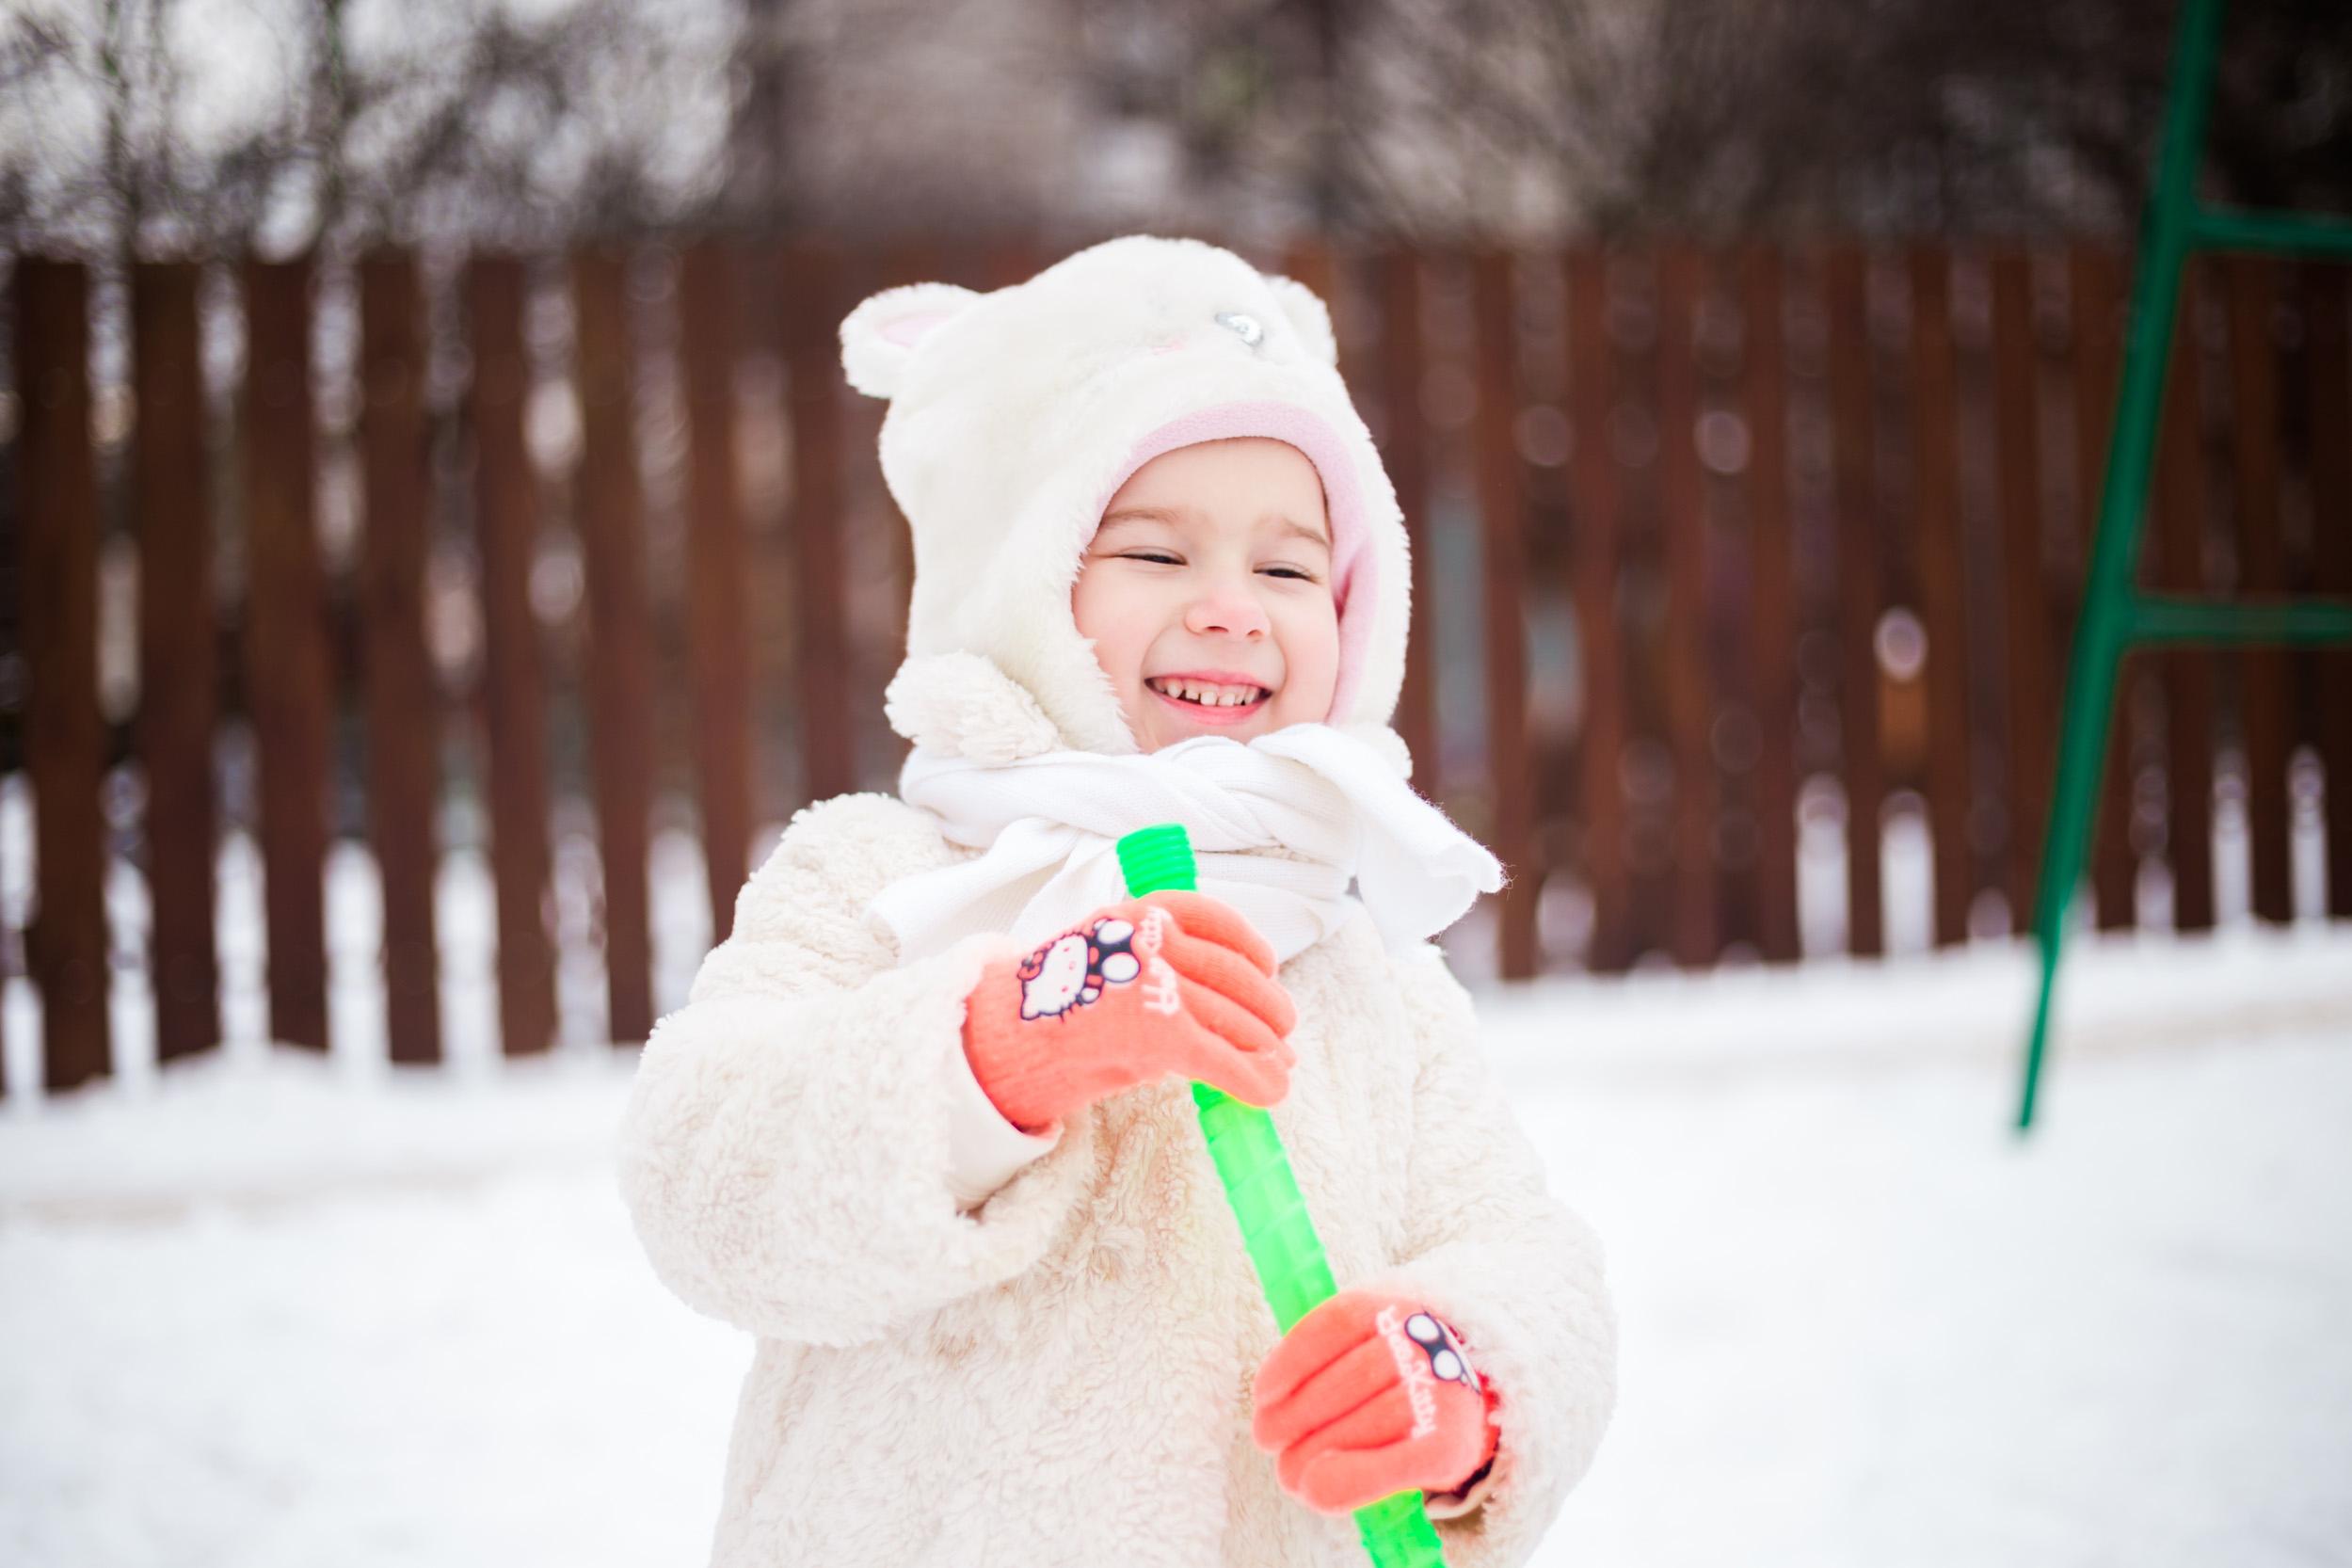 зимняя детская фотосессия, красивая девочка зимой фото, детский фотограф киев фото, маленькая девочка зимой играет с мыльными пузырями